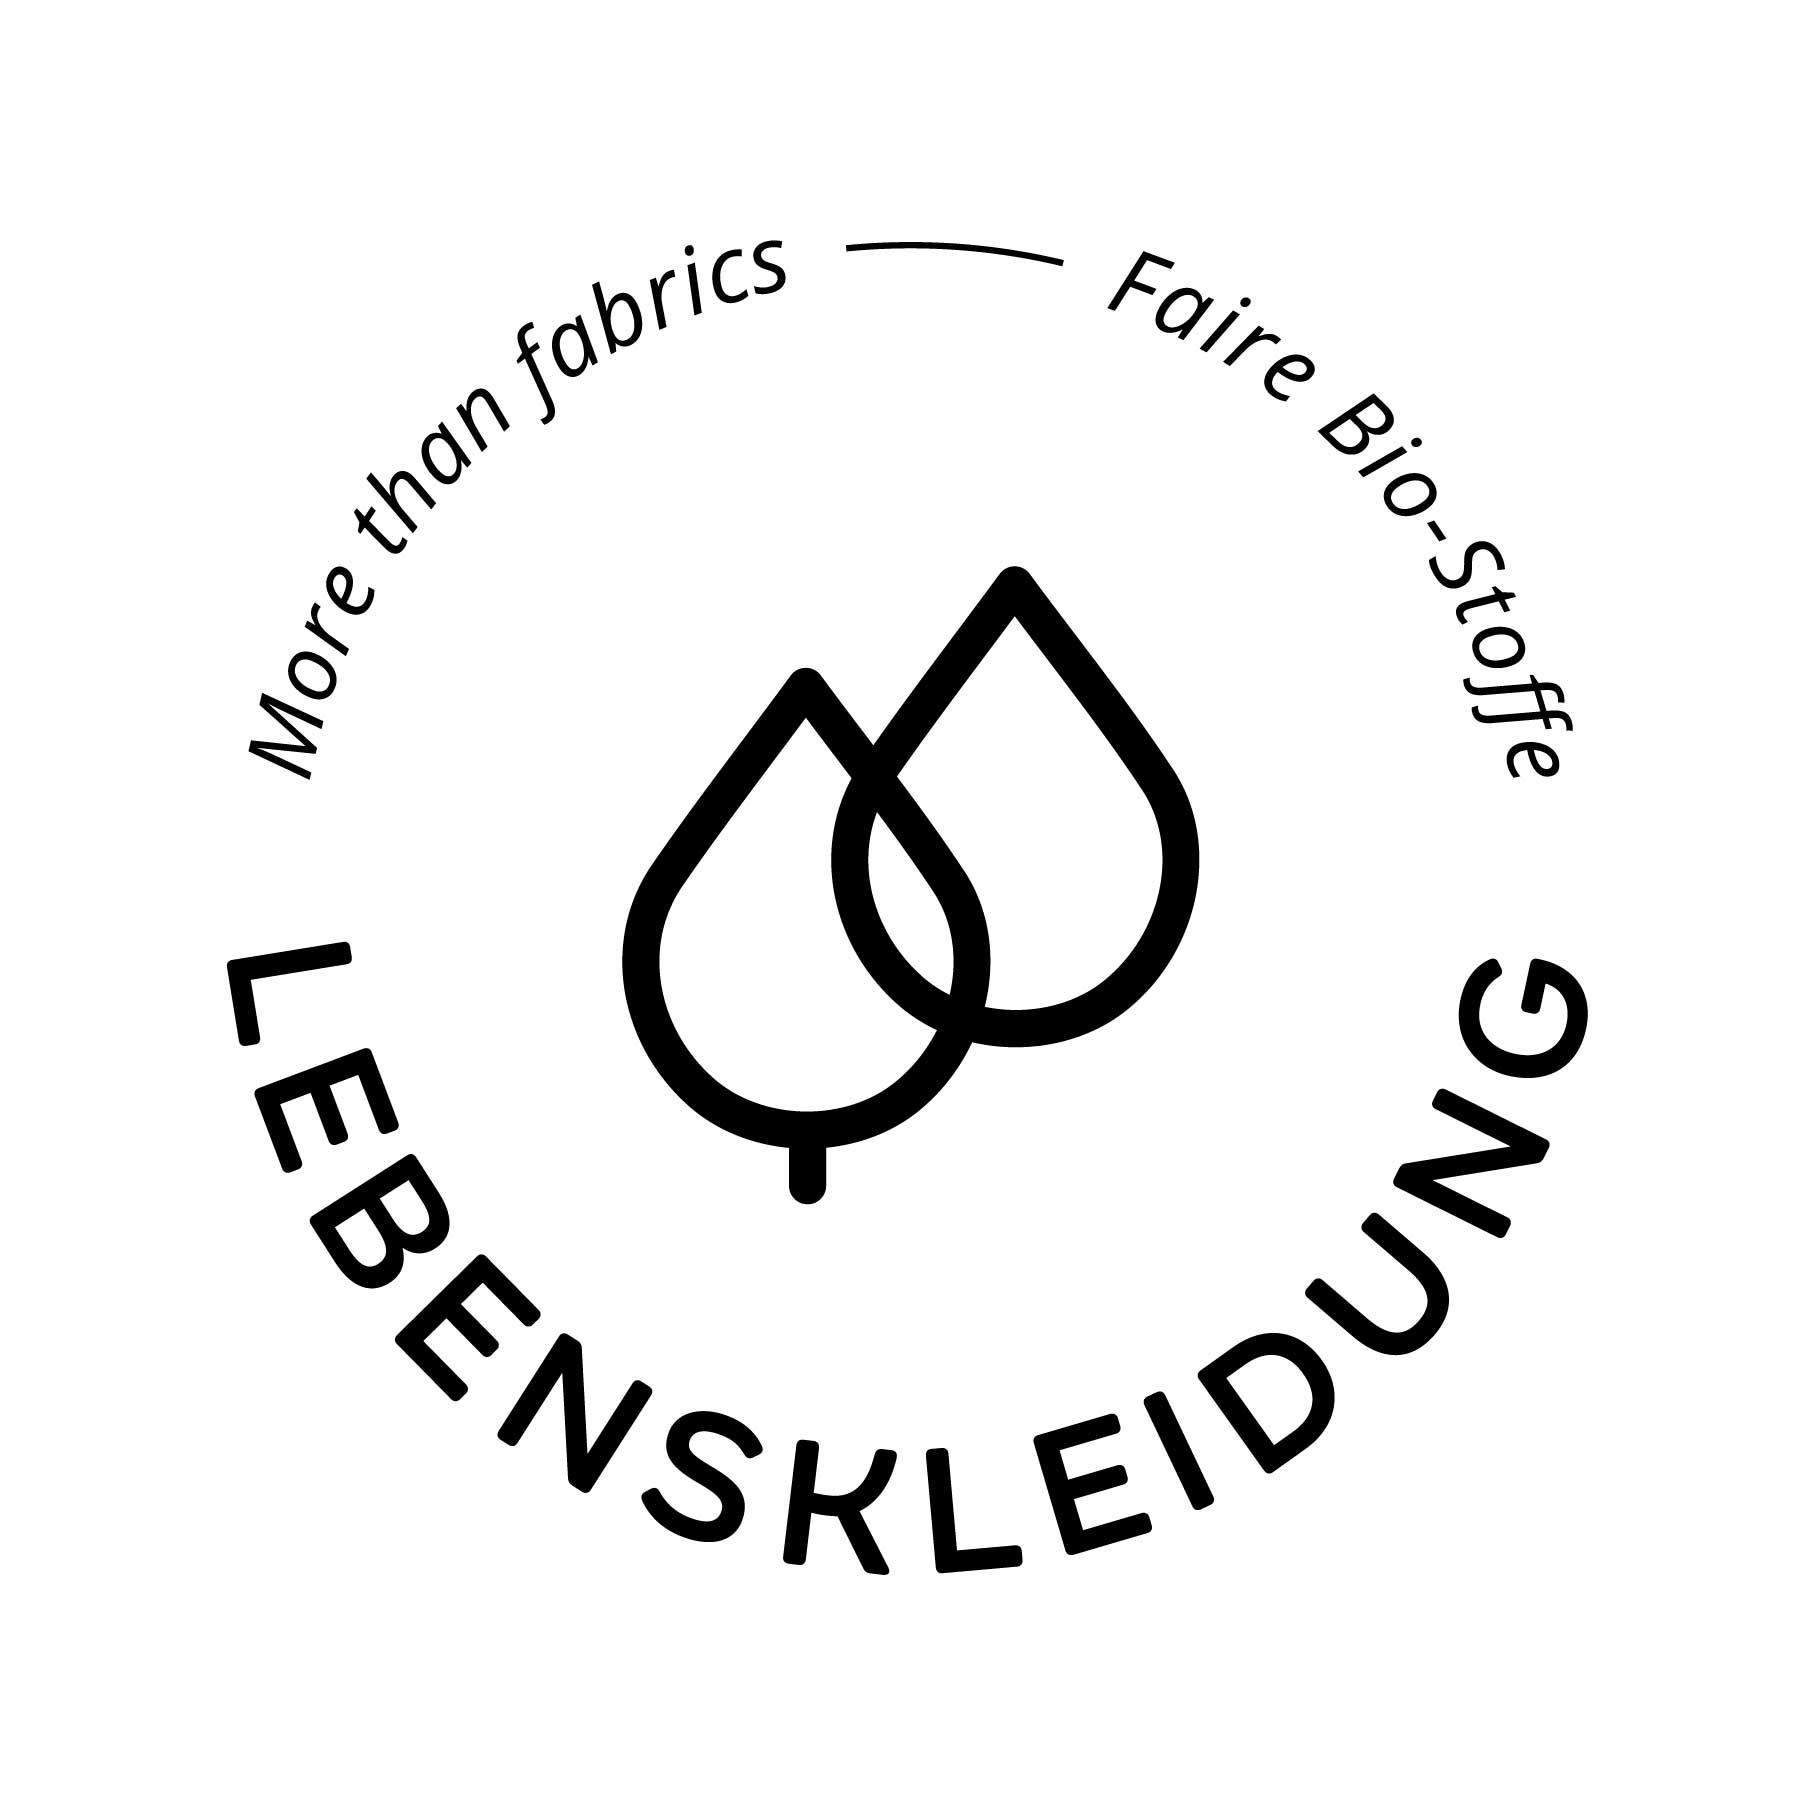 Cotton Melange Woven - Light Ecru Marl